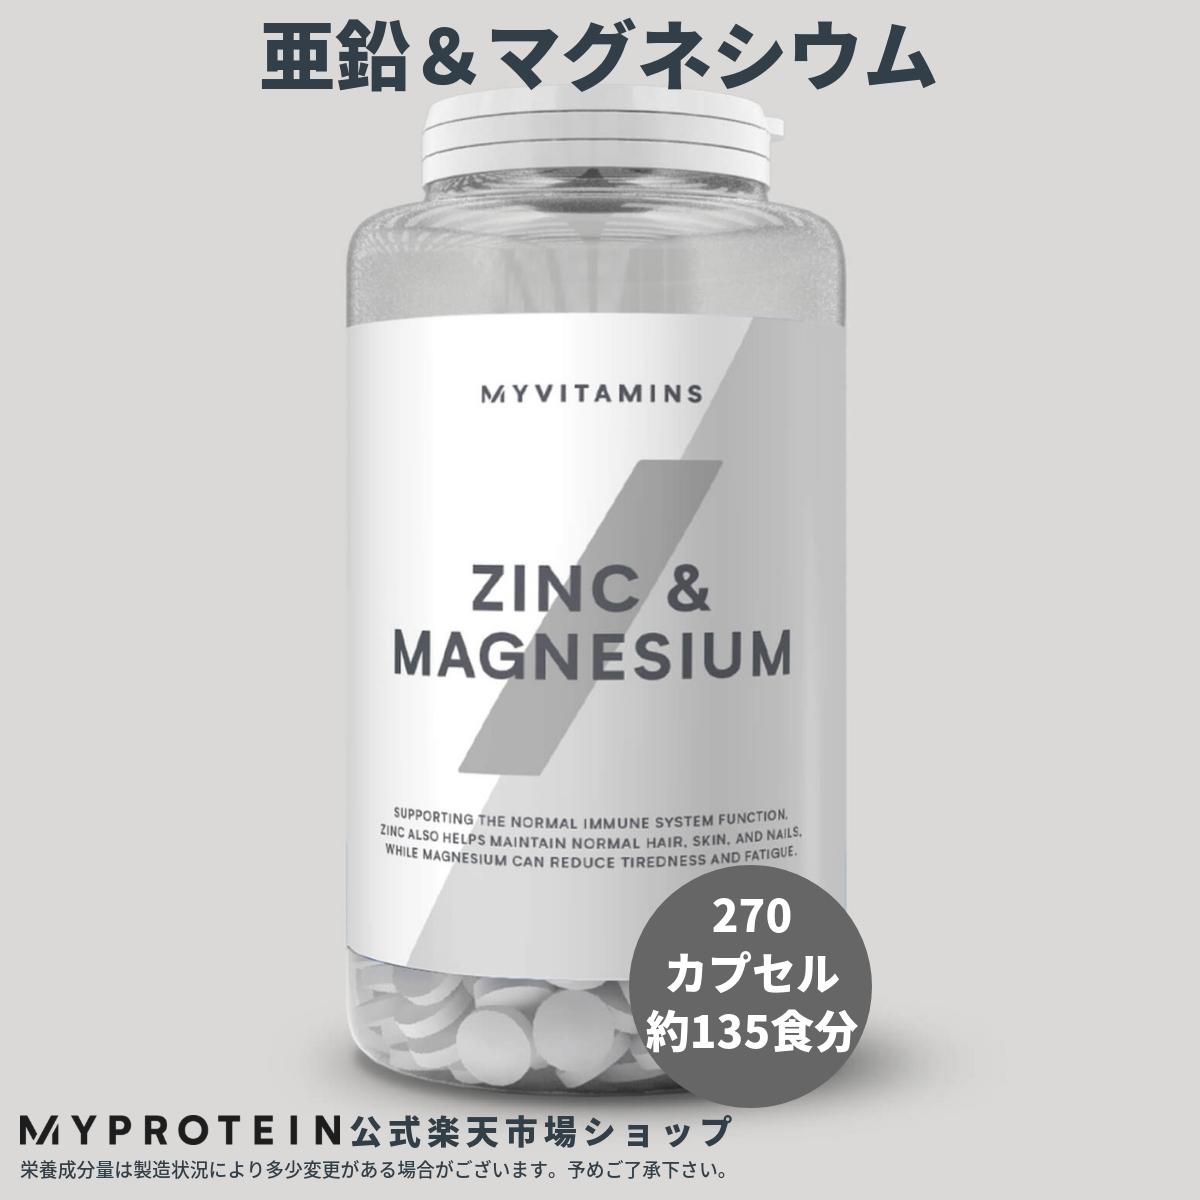 マイプロテイン 公式 【MyProtein】 亜鉛&マグネシウム  270カプセル 約135日分| サプリメント サプリ マカ 栄養補助 栄養補助食品 健康サプリ 健康サプリメント 鉄 ミネラル 美容サプリ 美容サプリメント 粒 【楽天海外直送】